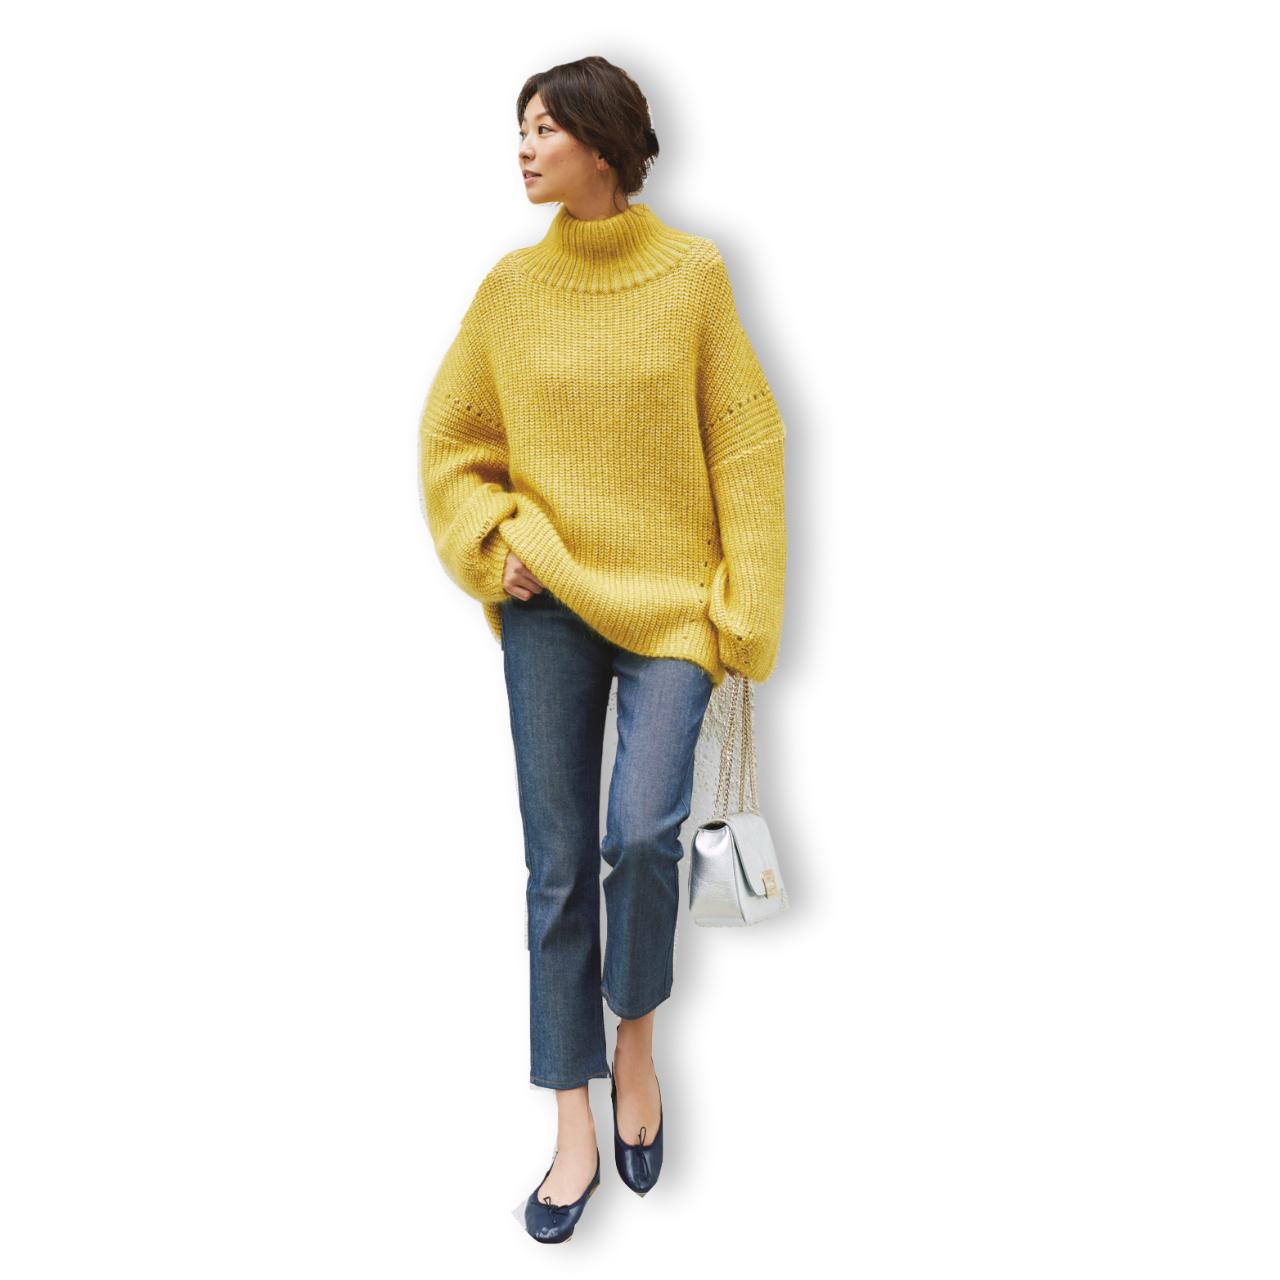 イエローニット×デニムパンツのファッションコーデ